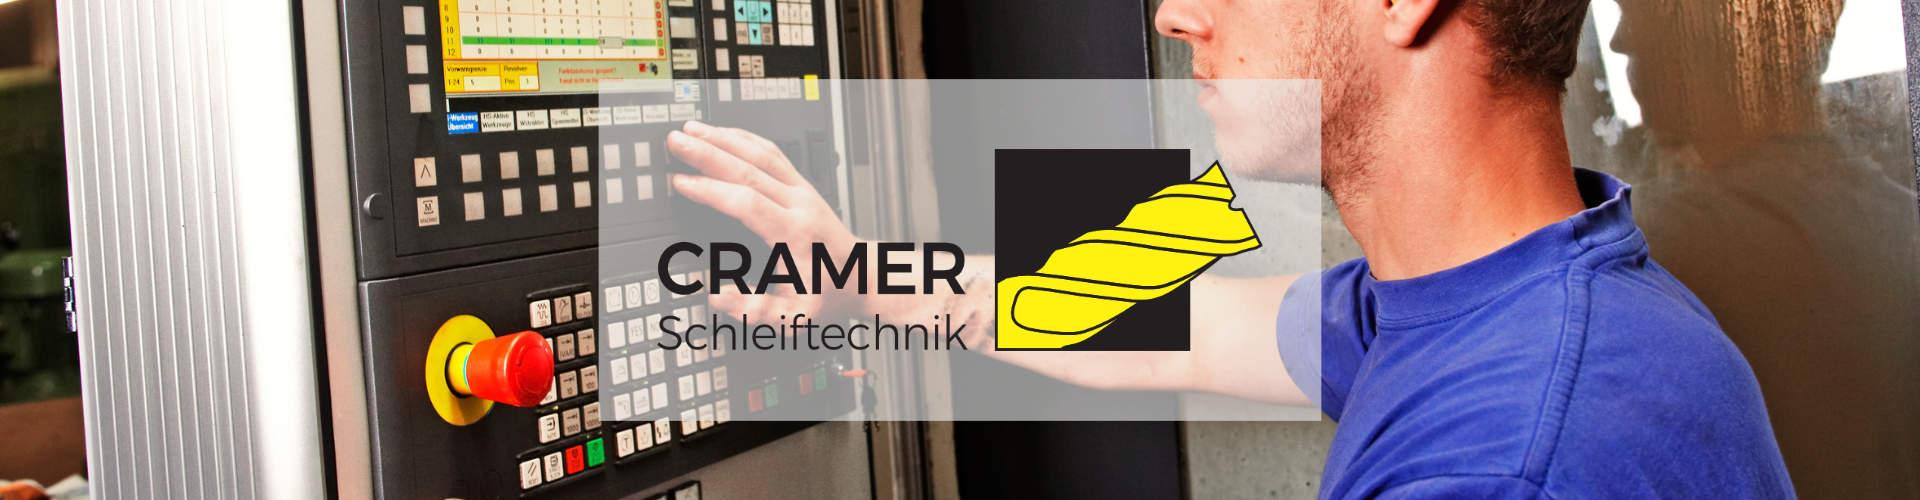 CRAMER Schleiftechnik NRW